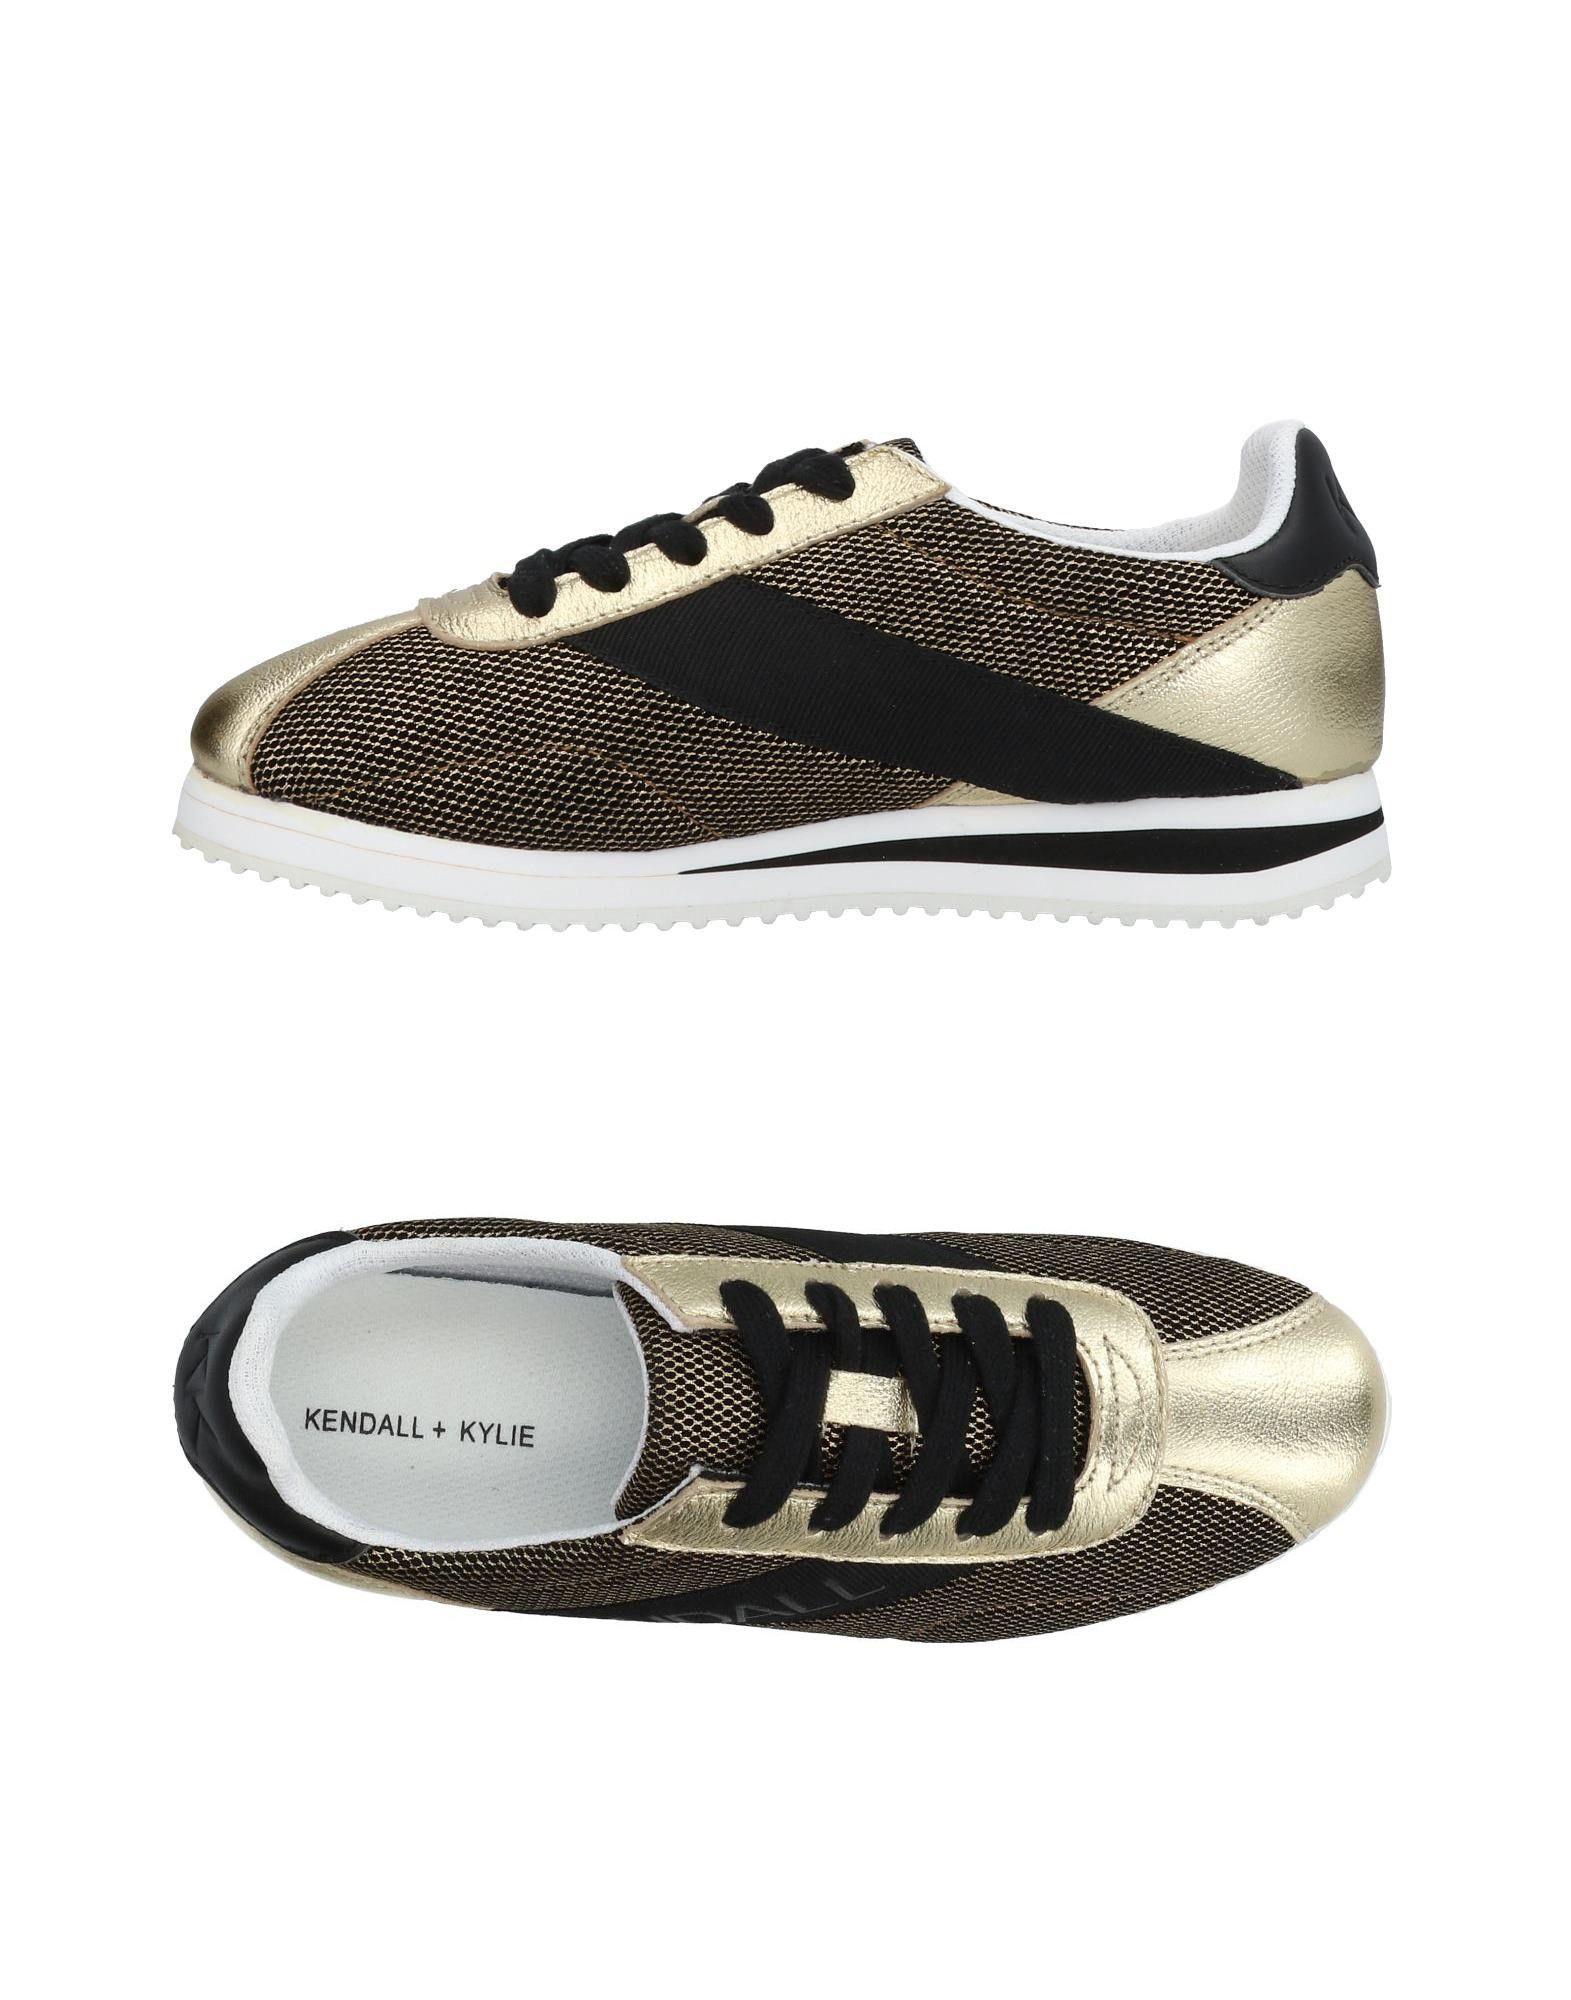 Kendall + Kylie Sneakers Damen  11429545HP Gute Qualität beliebte Schuhe